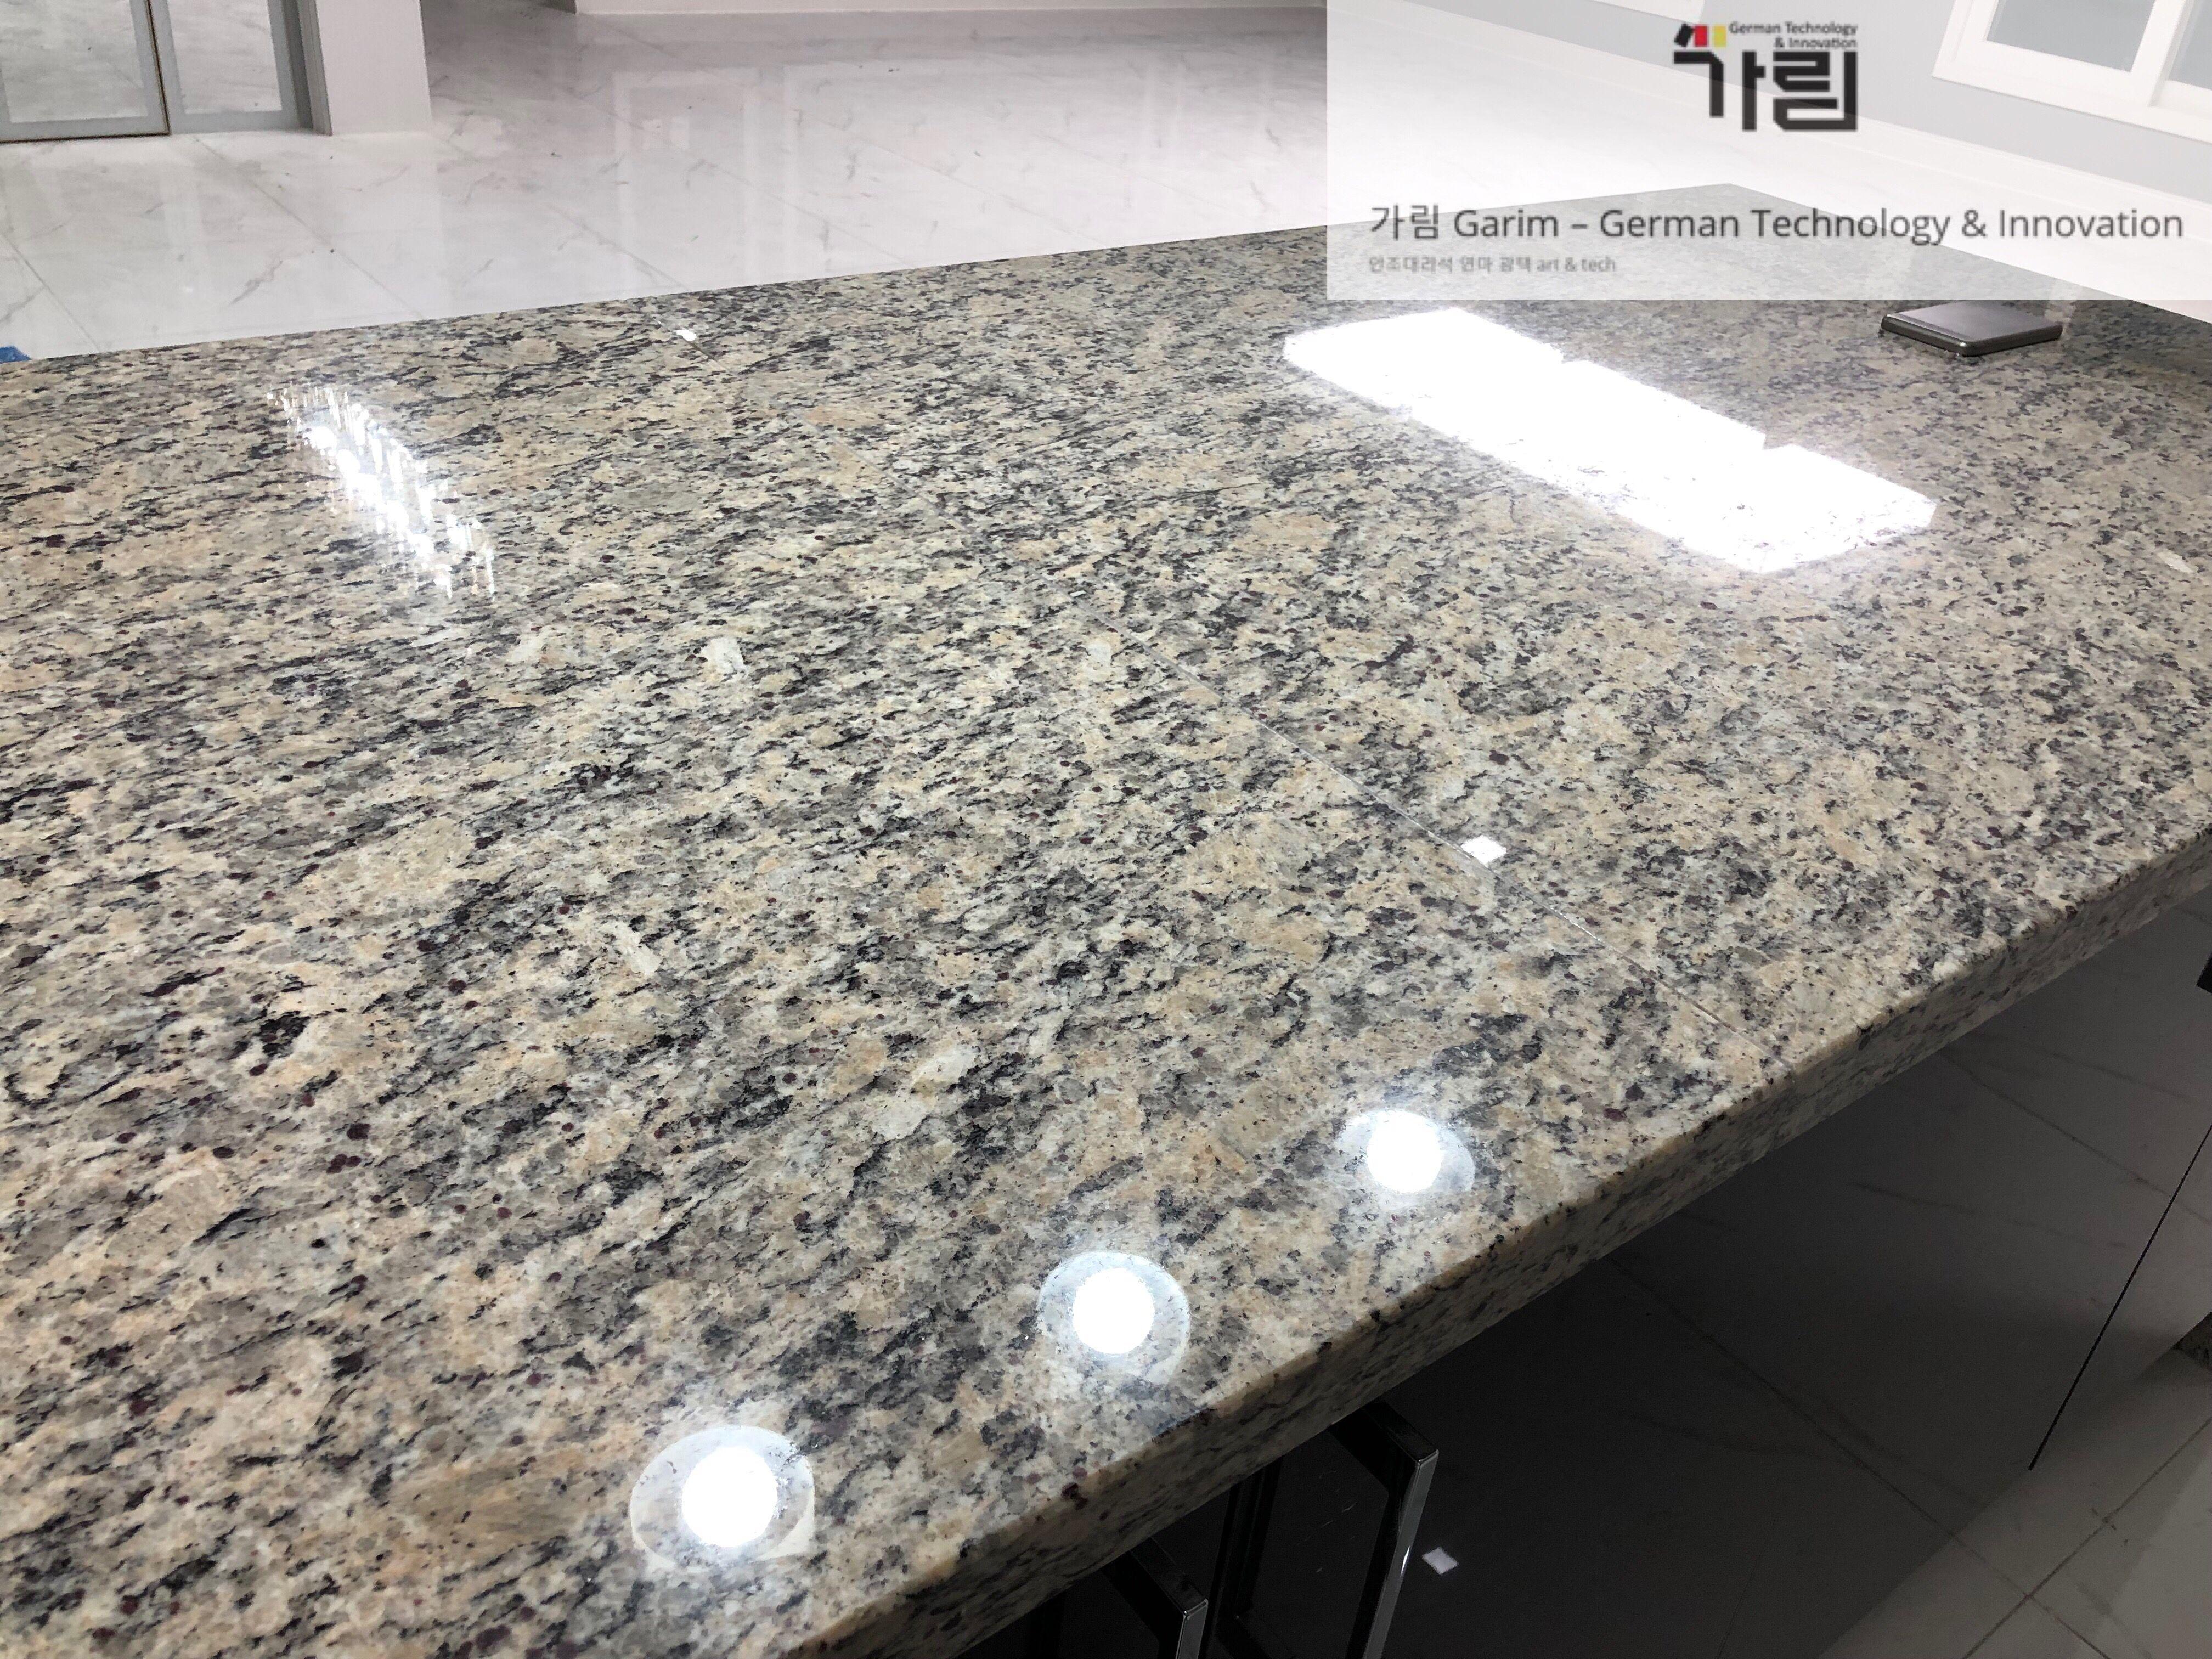 Polishing Fake Marble By Garim S Signature High Technology Www Garimtech Com 부엌 주방 인조대리석 엔지니어드스톤 싱크대 상판 연마 인테리어 디자인 가림시그니쳐 디자인 인테리어 부엌